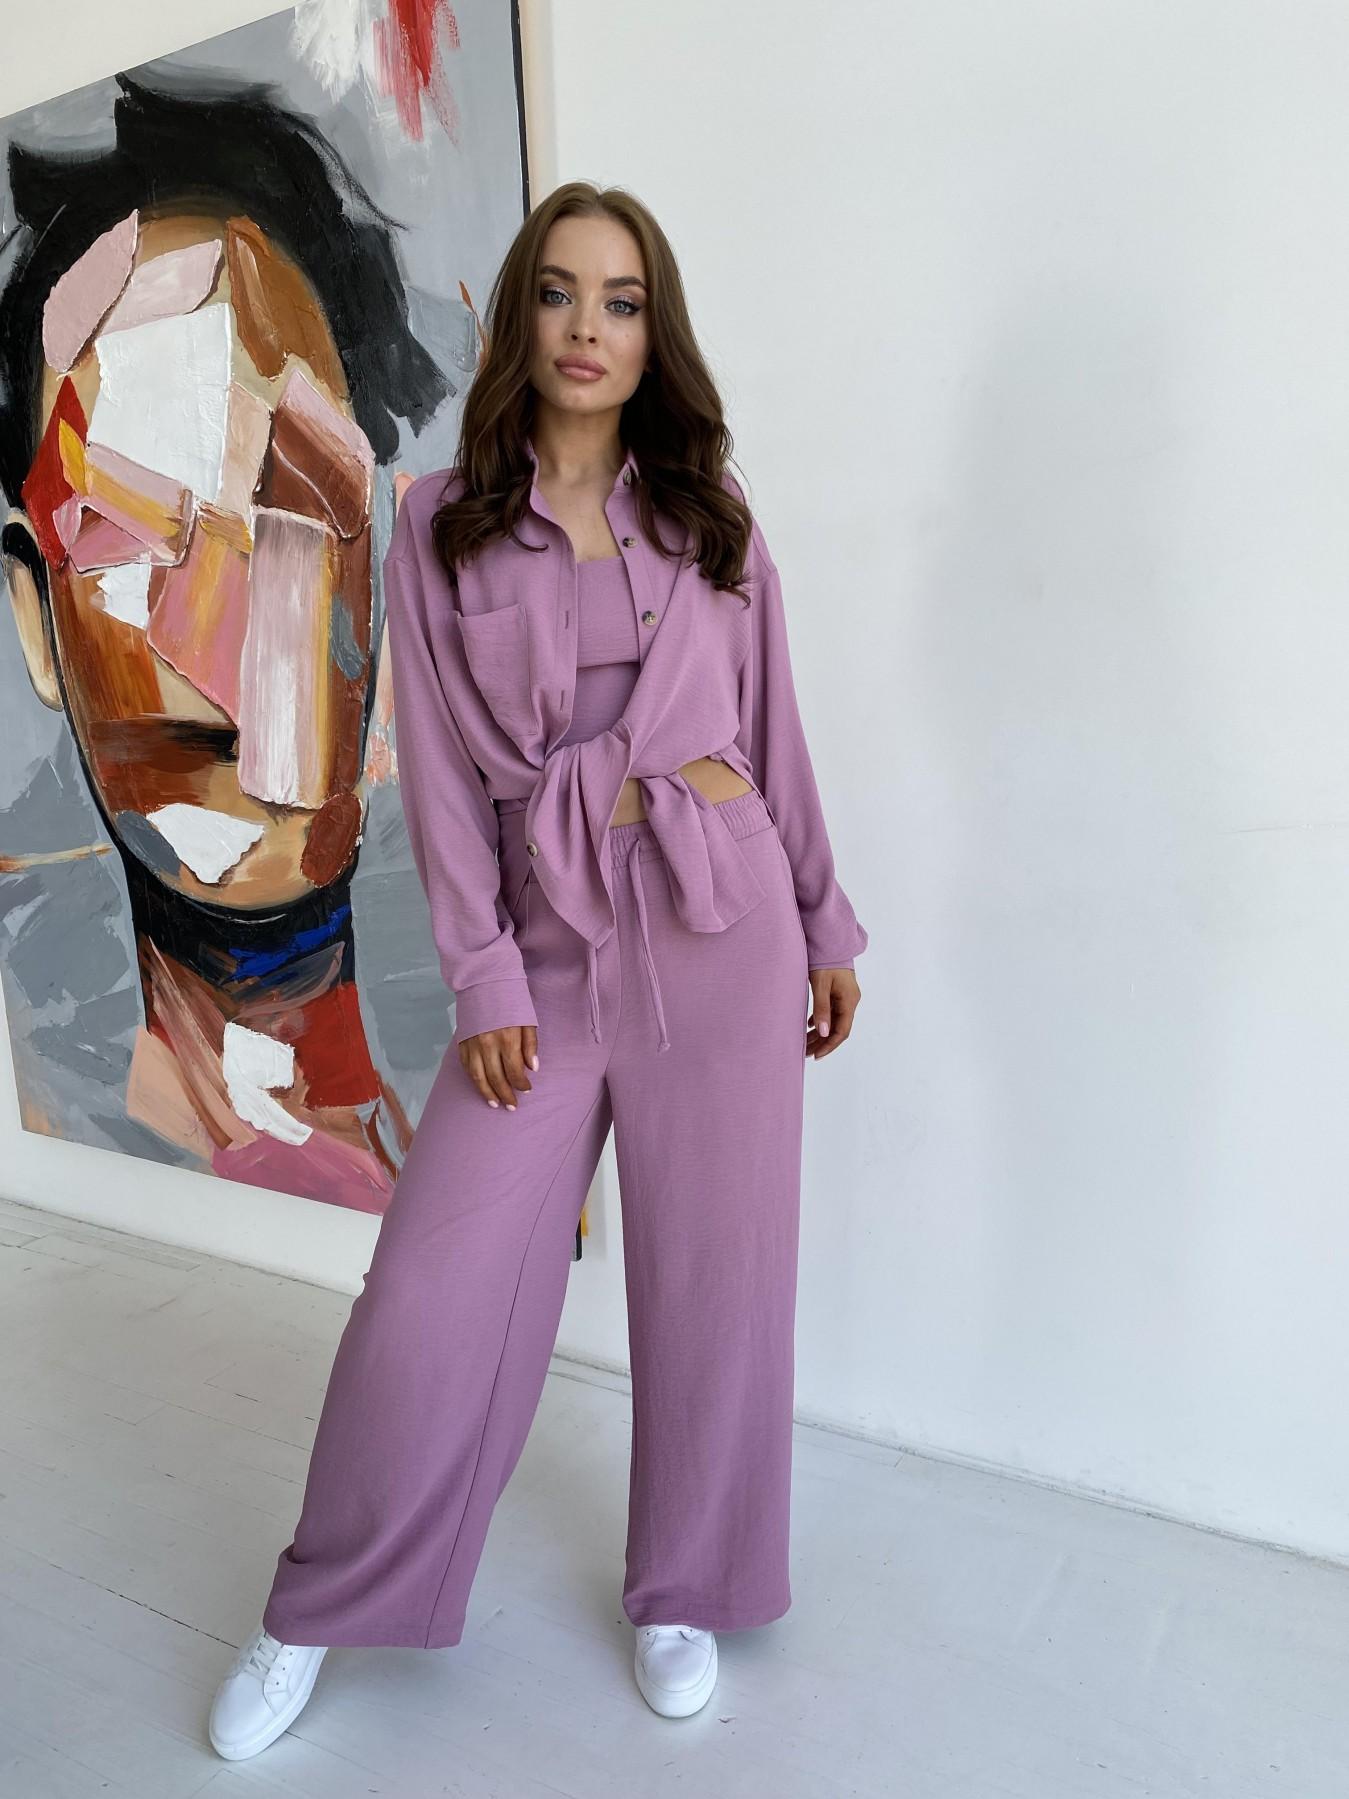 Квадро костюм американский из ткани креп (4 ед) 11303 АРТ. 48096 Цвет: Фрез - фото 12, интернет магазин tm-modus.ru